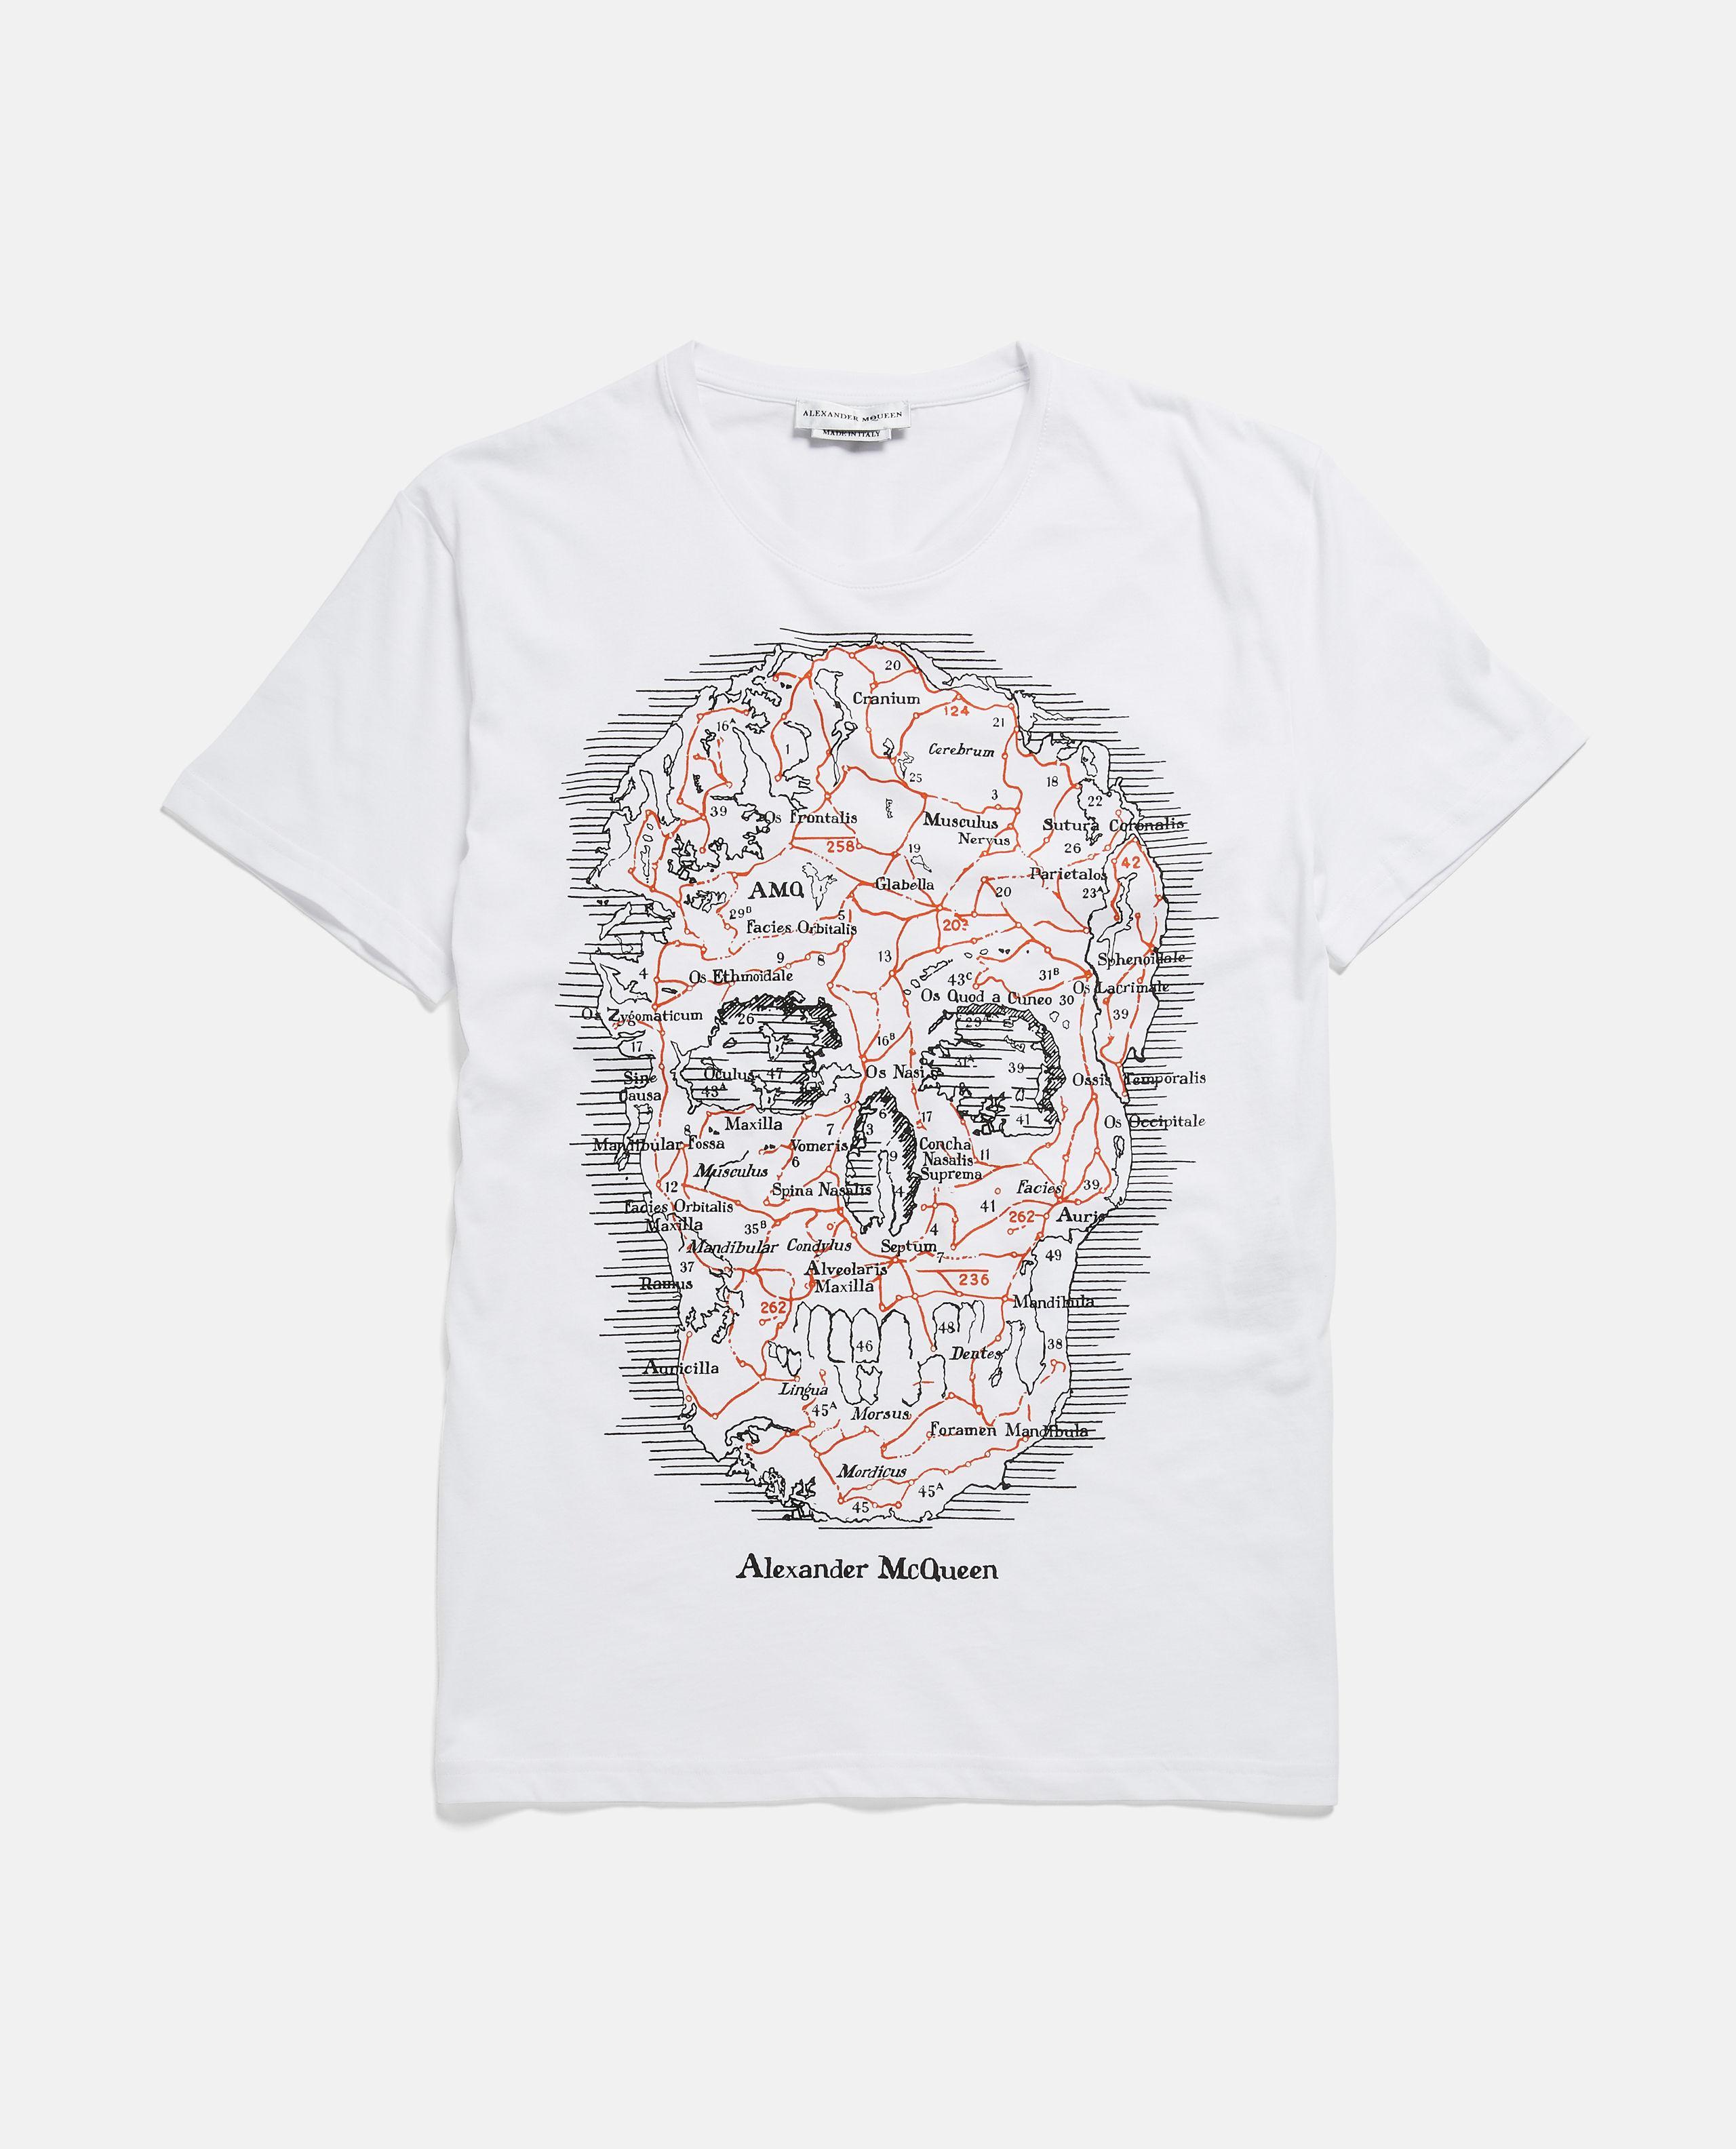 8e63ca05 Lyst - Alexander Mcqueen T-shirt in White for Men